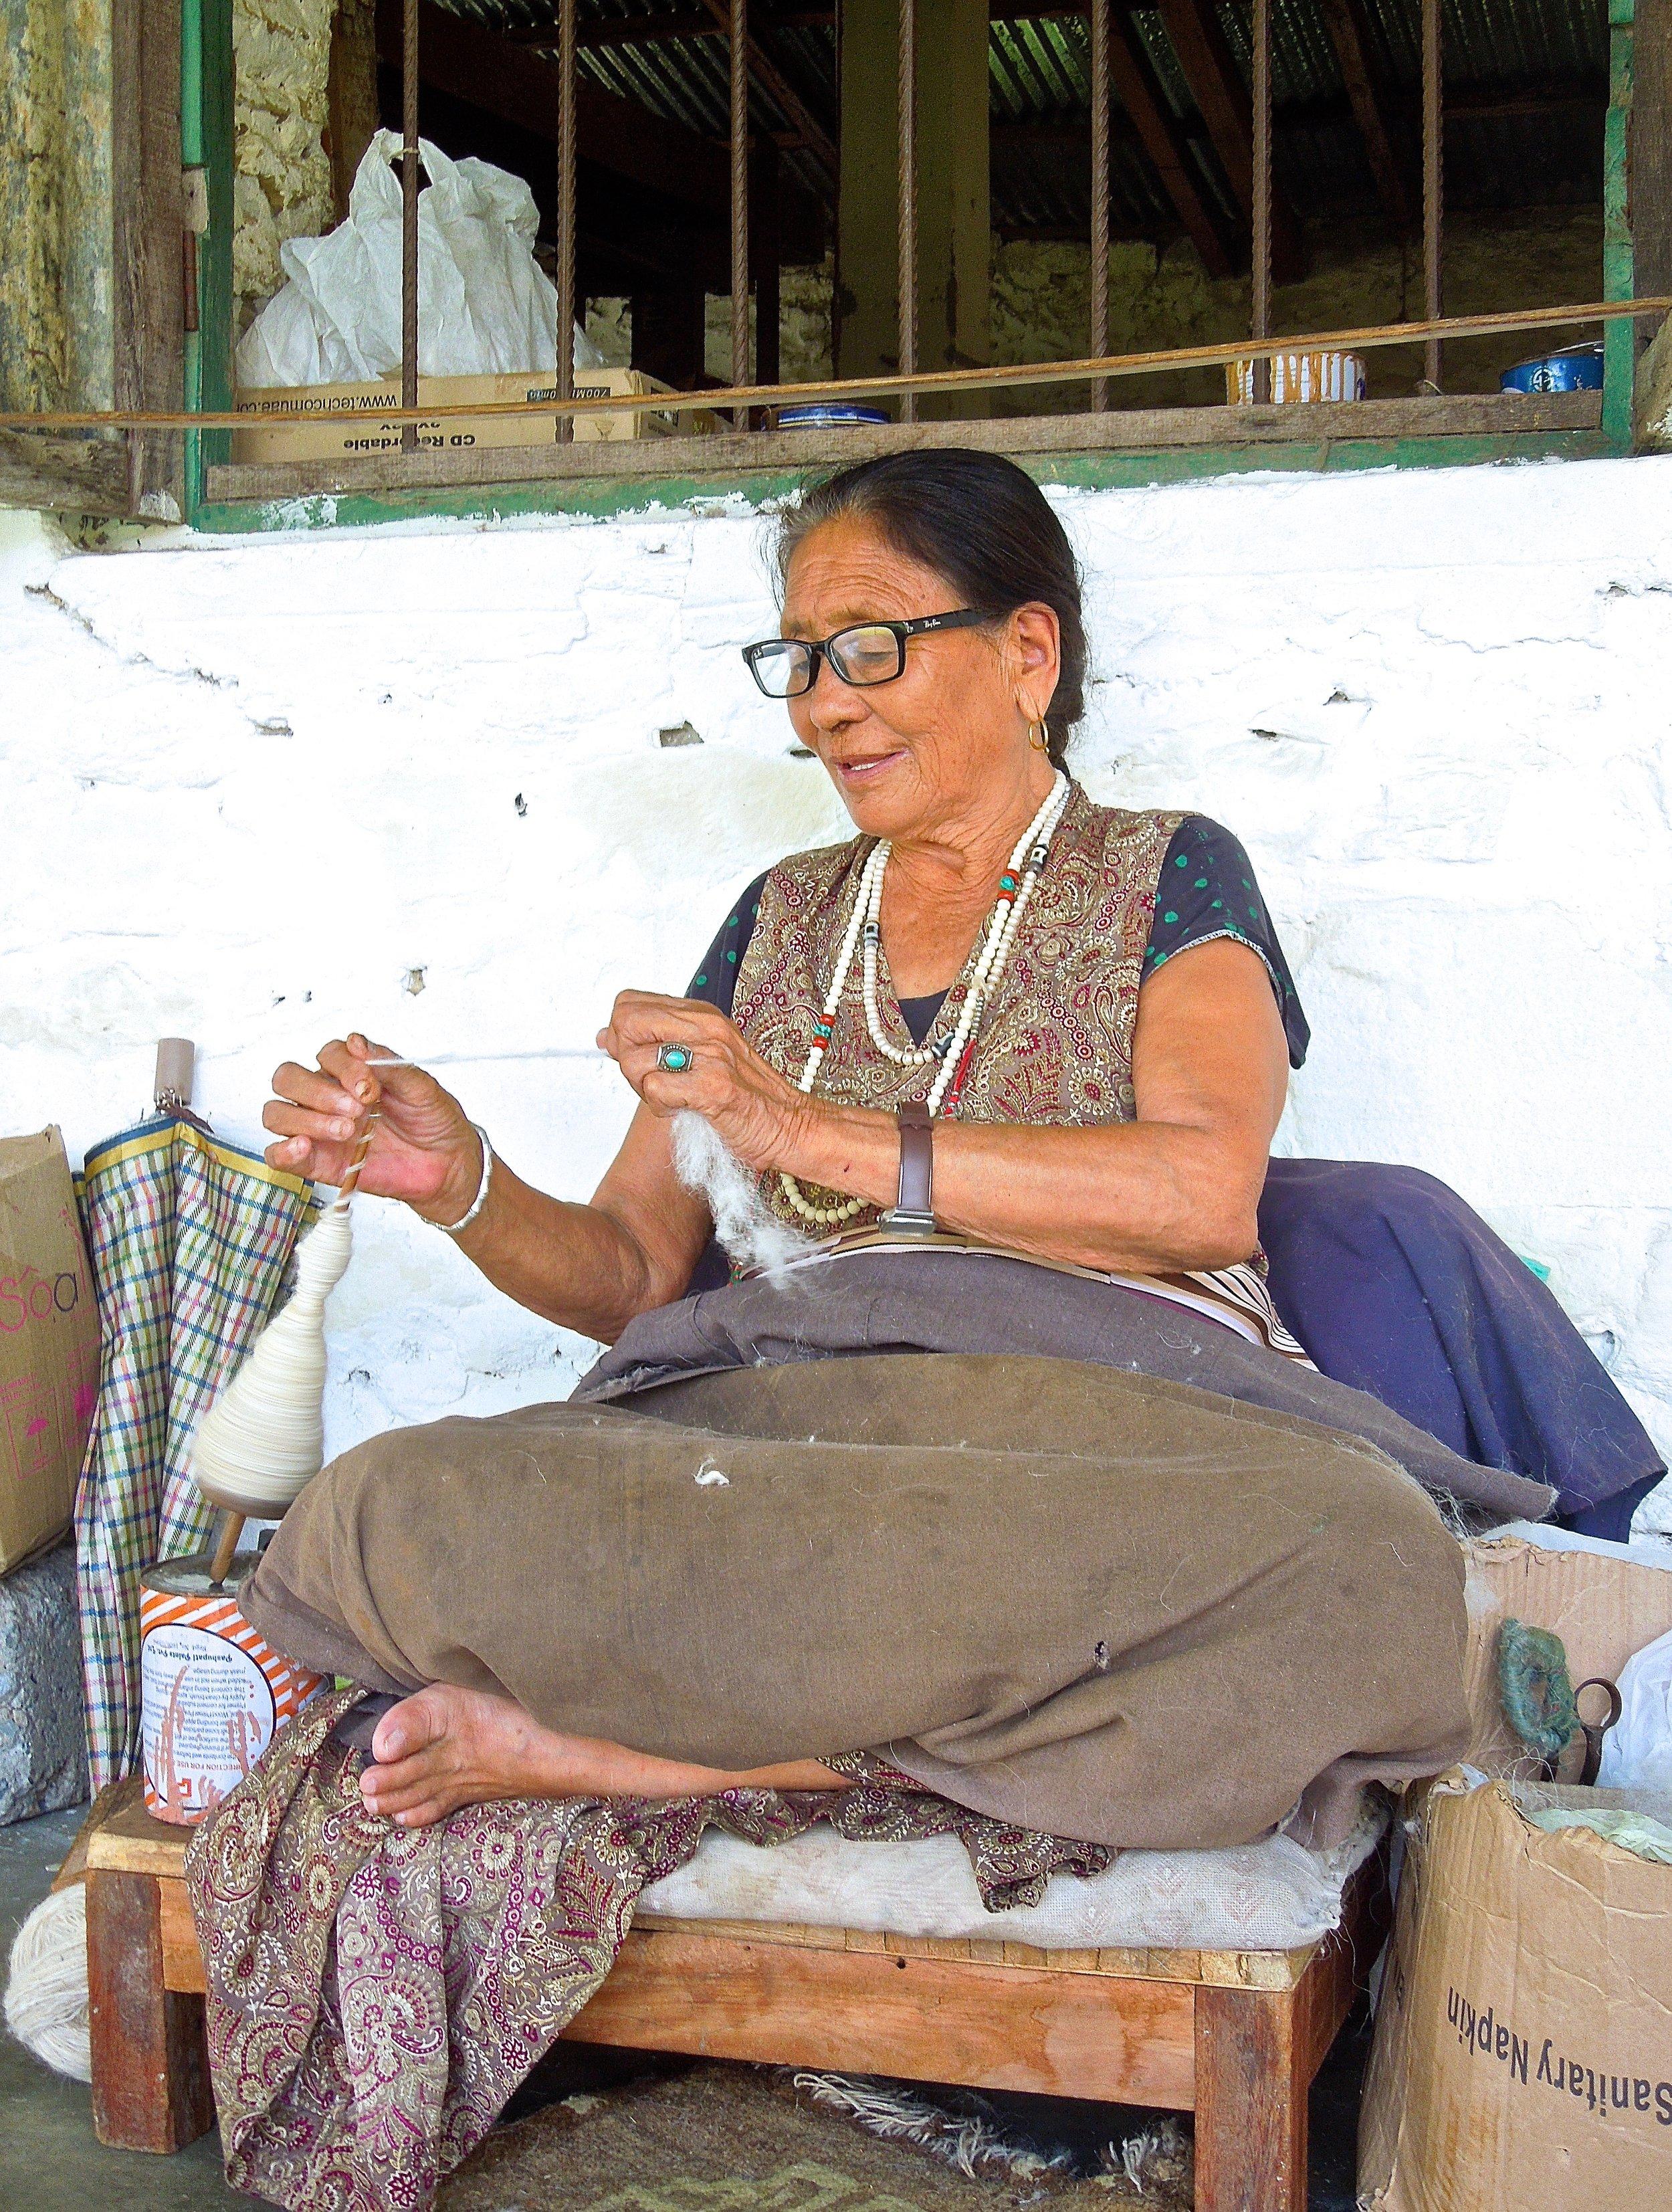 Tibetan refugee spinning yarn